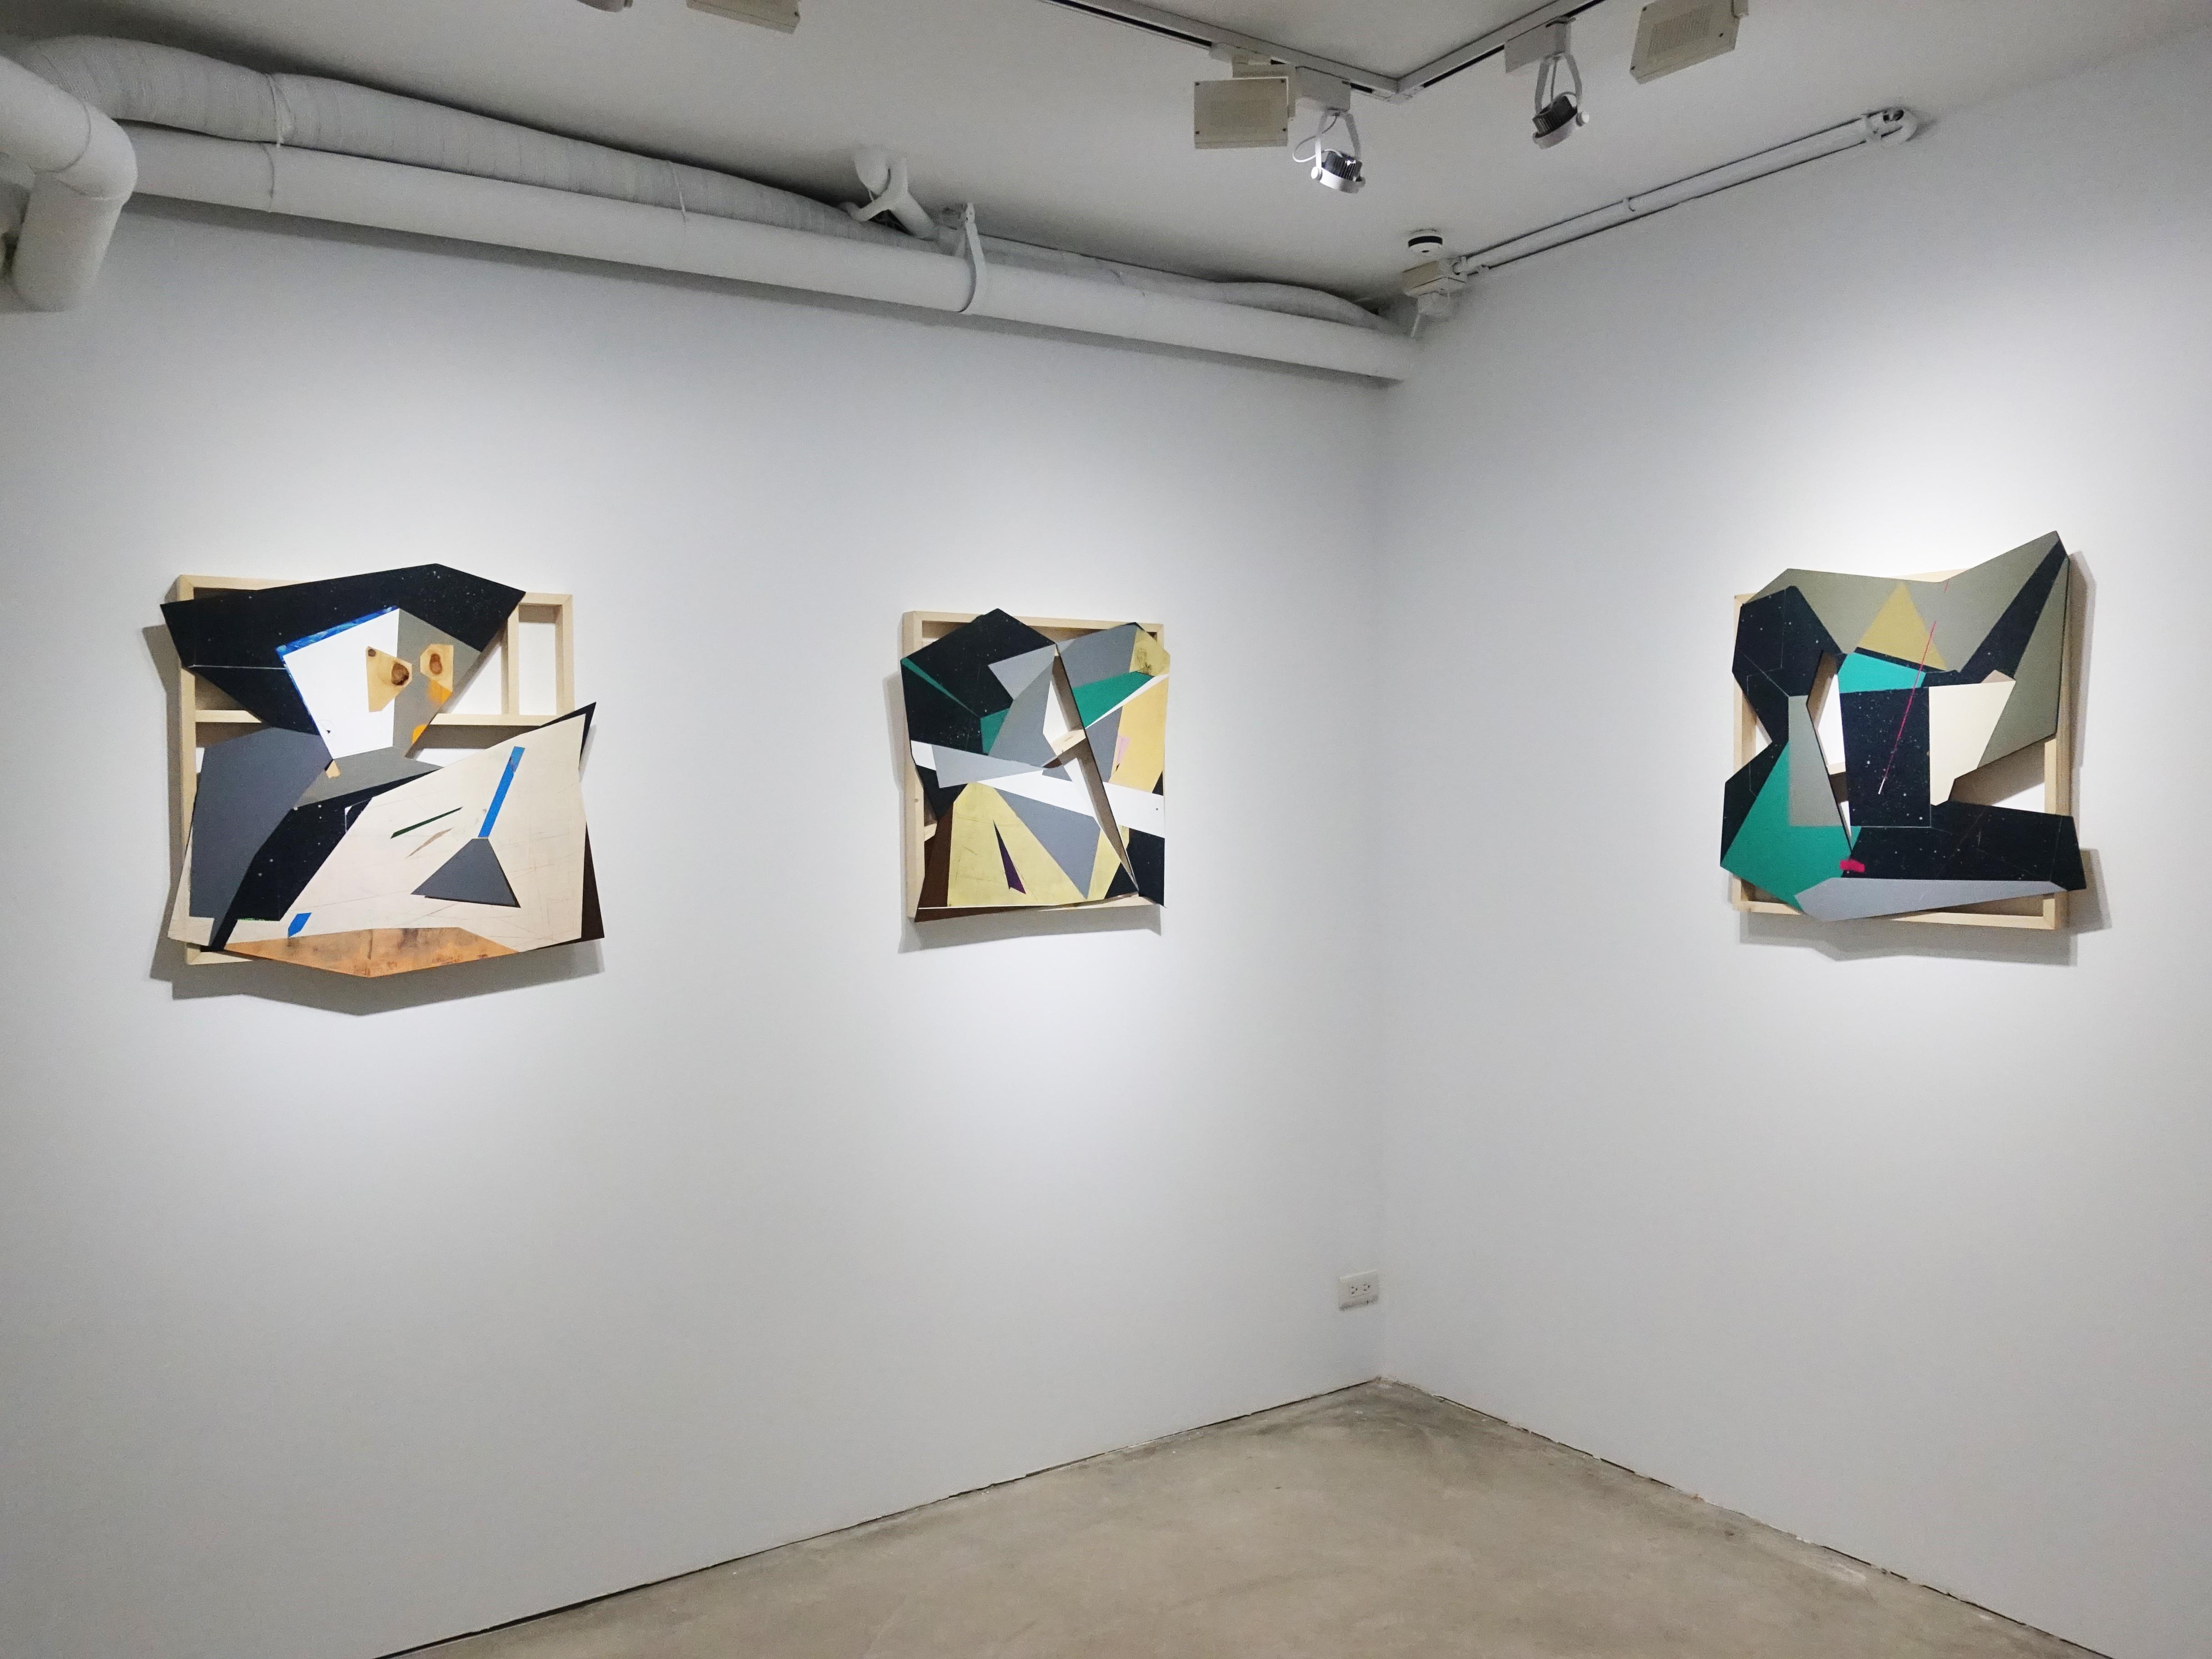 G.Gallery展出藝術家張獻文新系列作品「層敘・砌」。